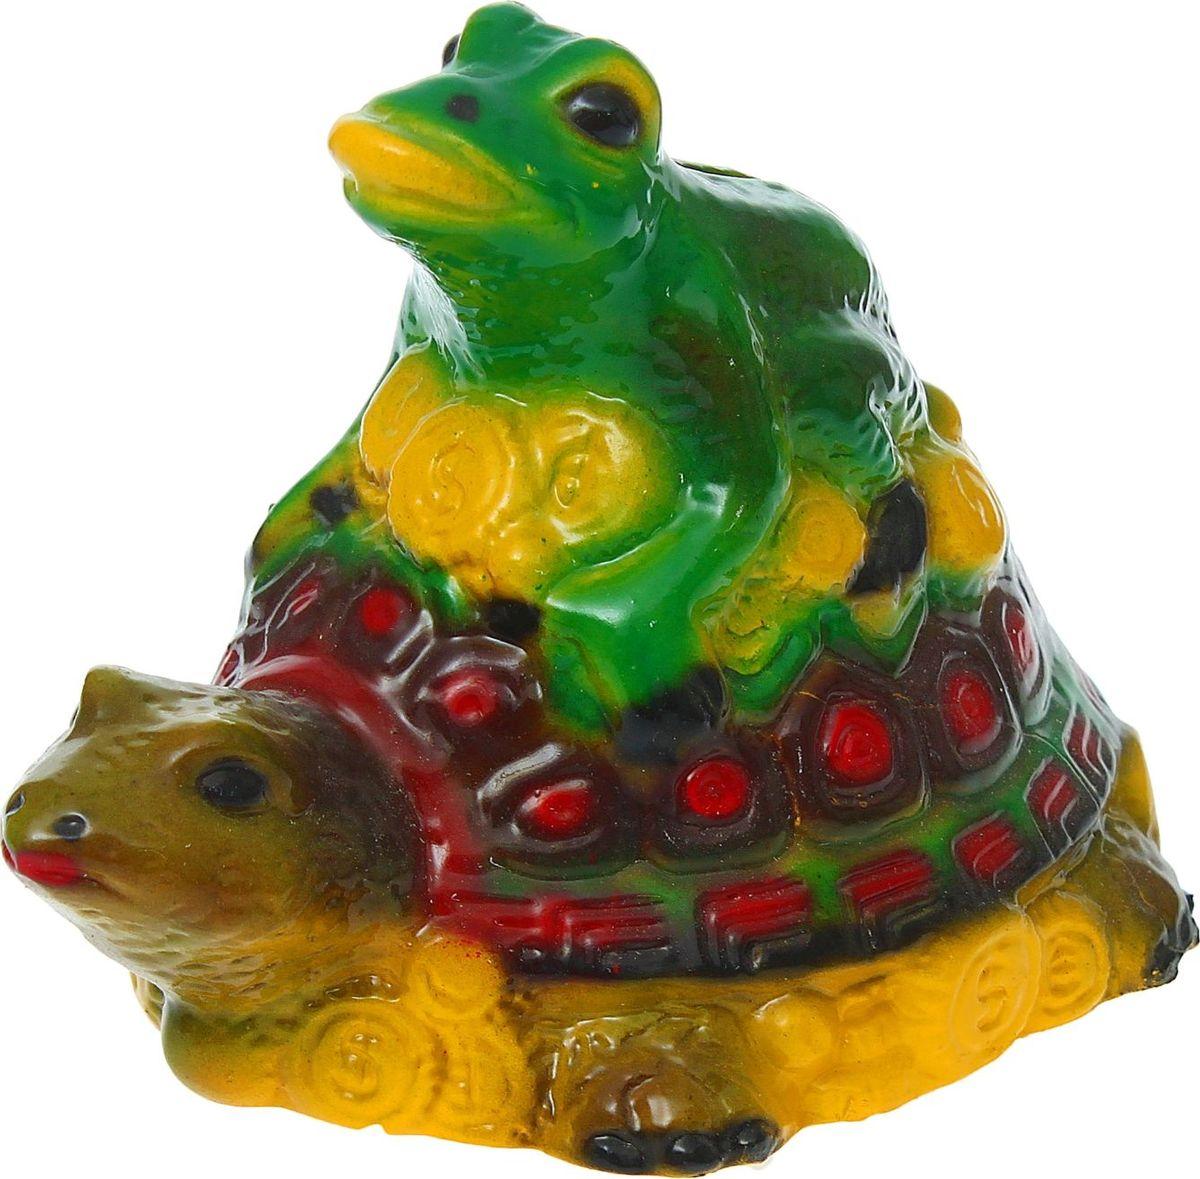 Копилка Керамика ручной работы Жаба на черепахе, 18 х 12 х 13 см1208584Хотите накопить на свою заветную мечту? С помощью данного изделия вы сможете сделать это без удара по бюджету! Трёхлапая жаба с монеткой во рту является очень сильным денежным талисманом, который приносит богатство, финансовую удачу и процветание. Иногда это животное используют как символ долголетия, потому что некоторые их виды живут до 40 лет.Согласно фэн-шуй, копилки с деньгами целесообразно хранить в западной или северо-западной частях помещения.Обращаем ваше внимание, что копилка является одноразовой.